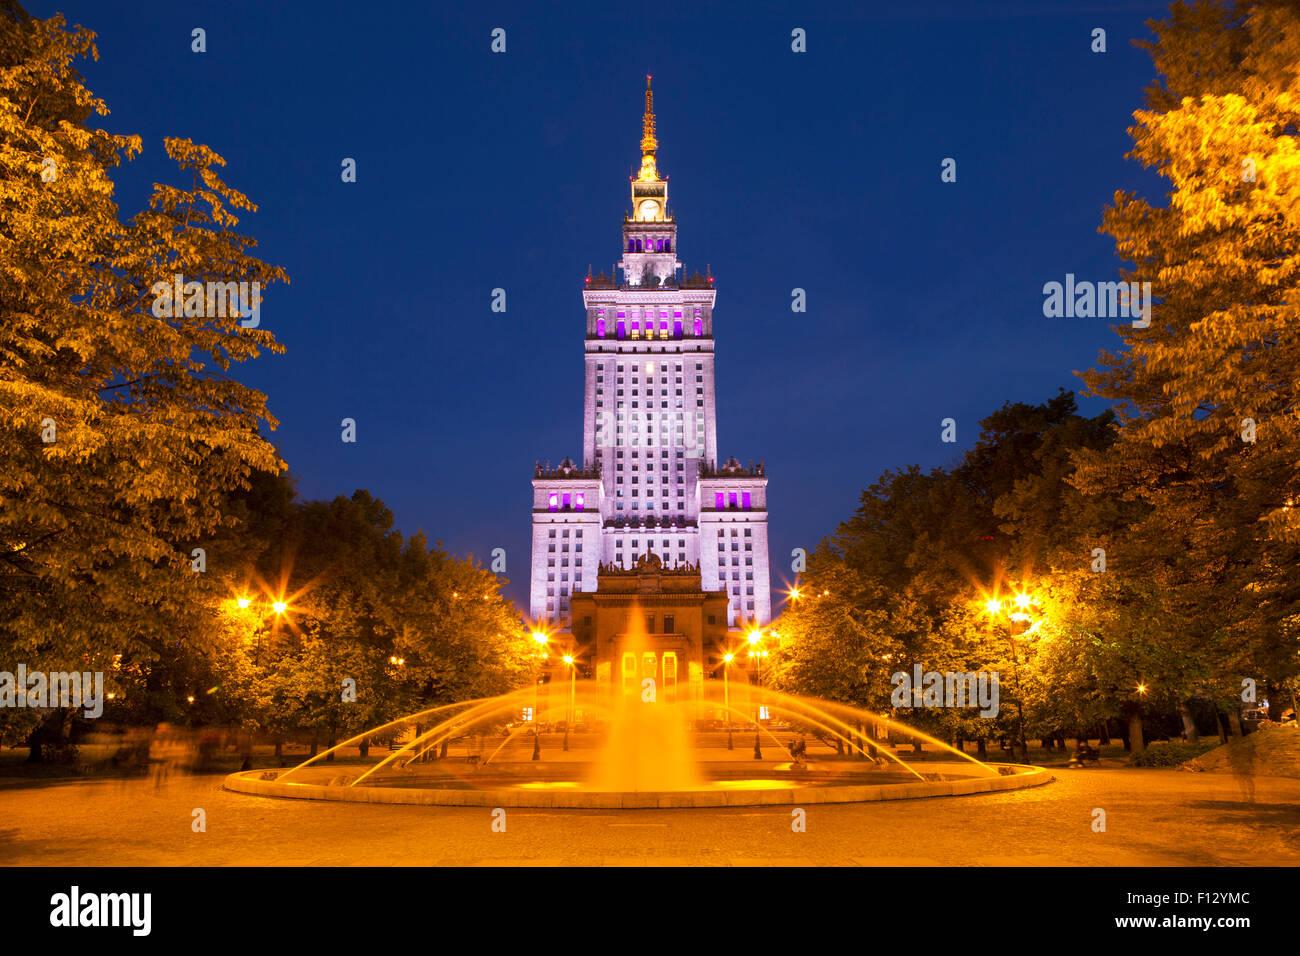 Der Palast der Kultur und Wissenschaft in Warschau in der Nacht. Stockbild